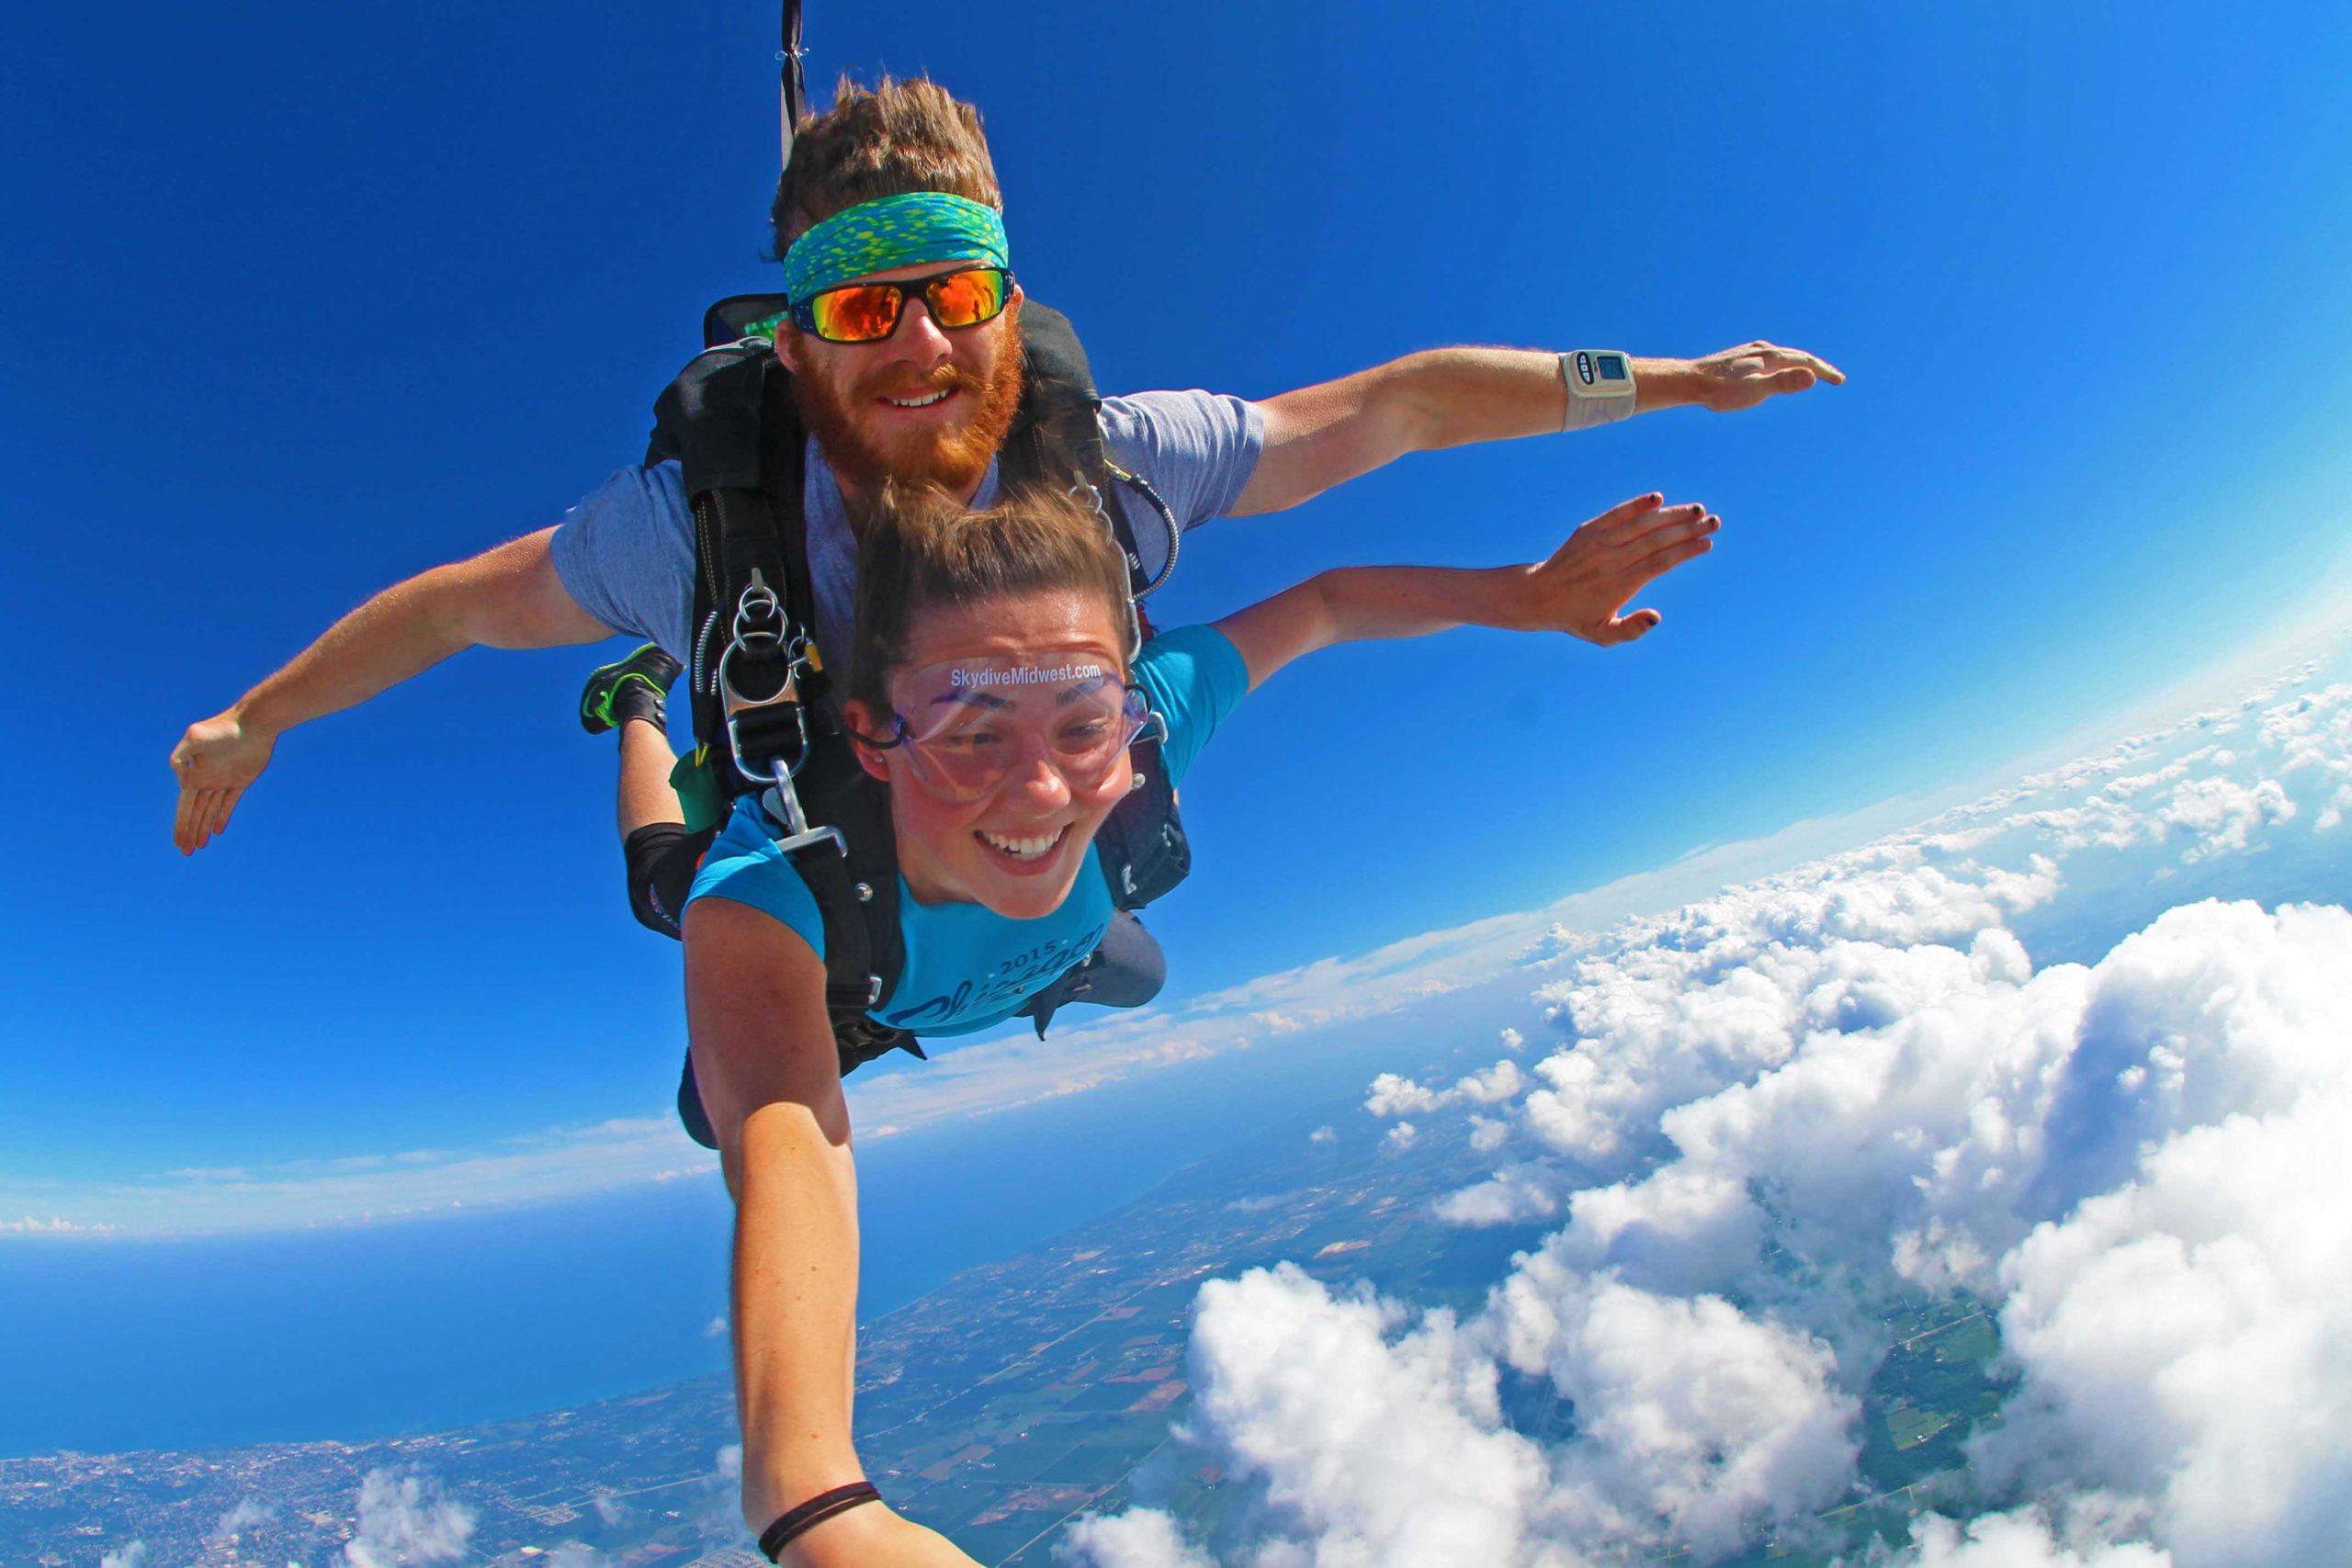 Tandem Skydive Deals - Skydiving Insider Tips